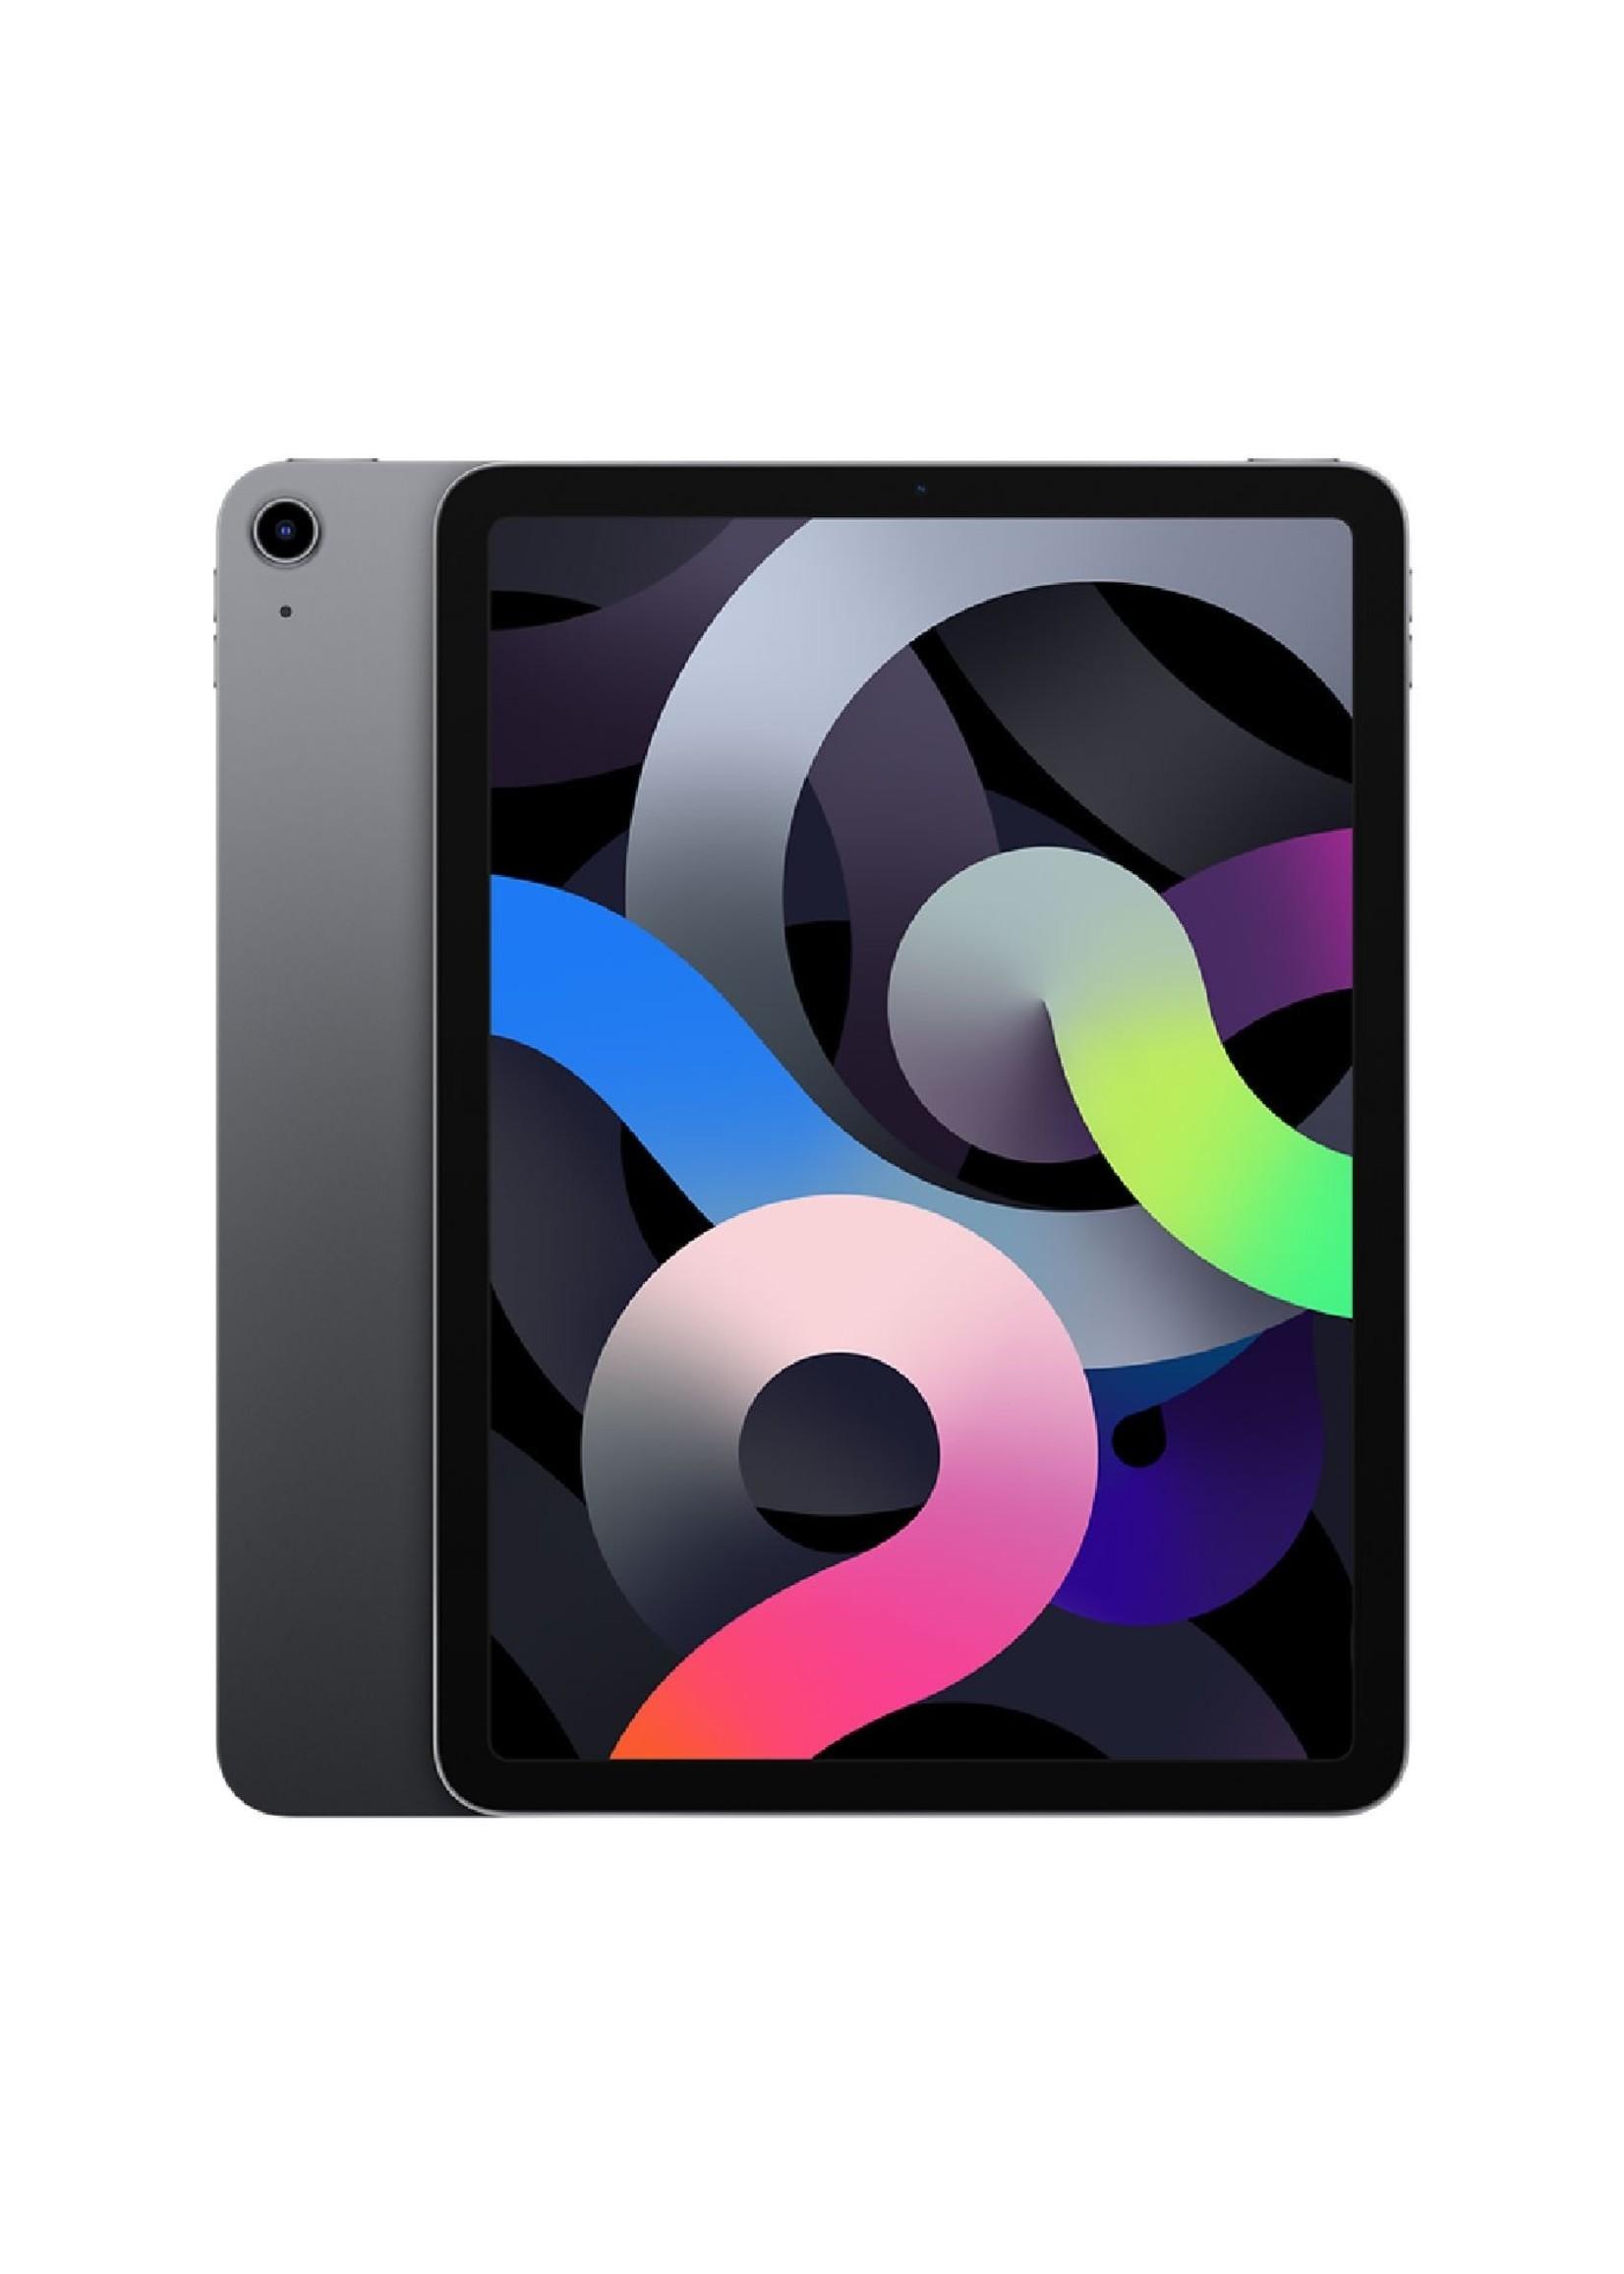 Apple iPad Air Wi-Fi 64GB Space Gray